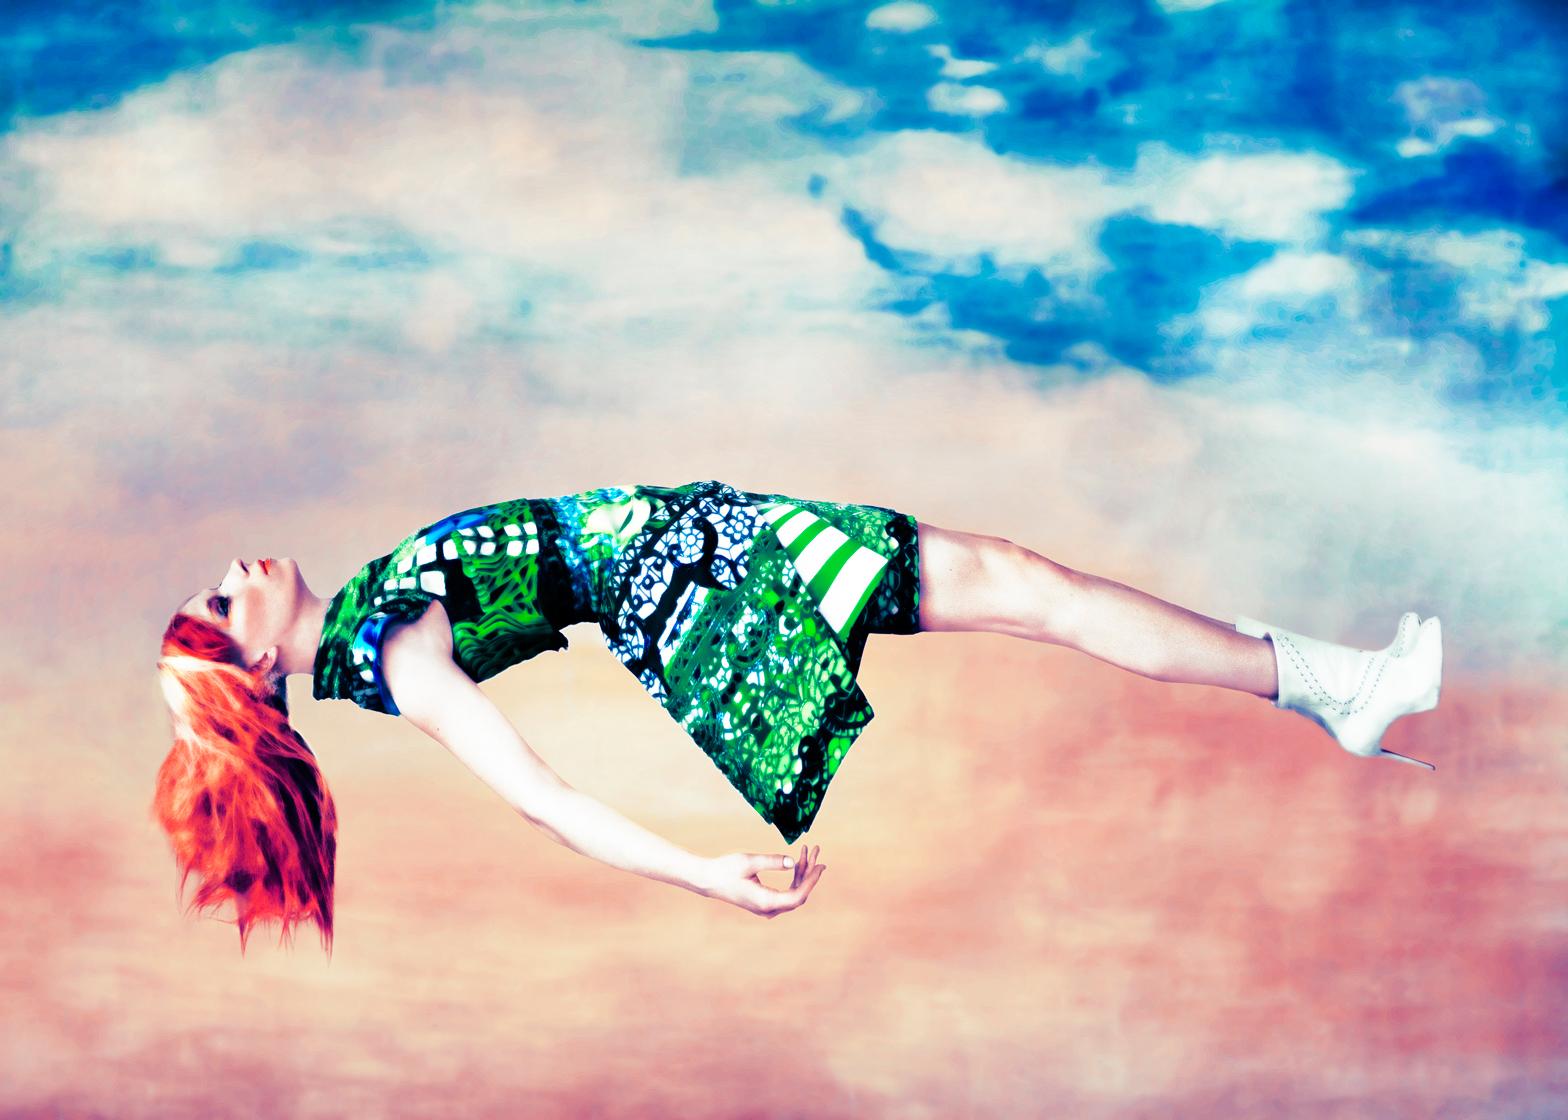 Mary Katrantzou's Expandit dress, 2012. Photograph by Erik Madigan Heck